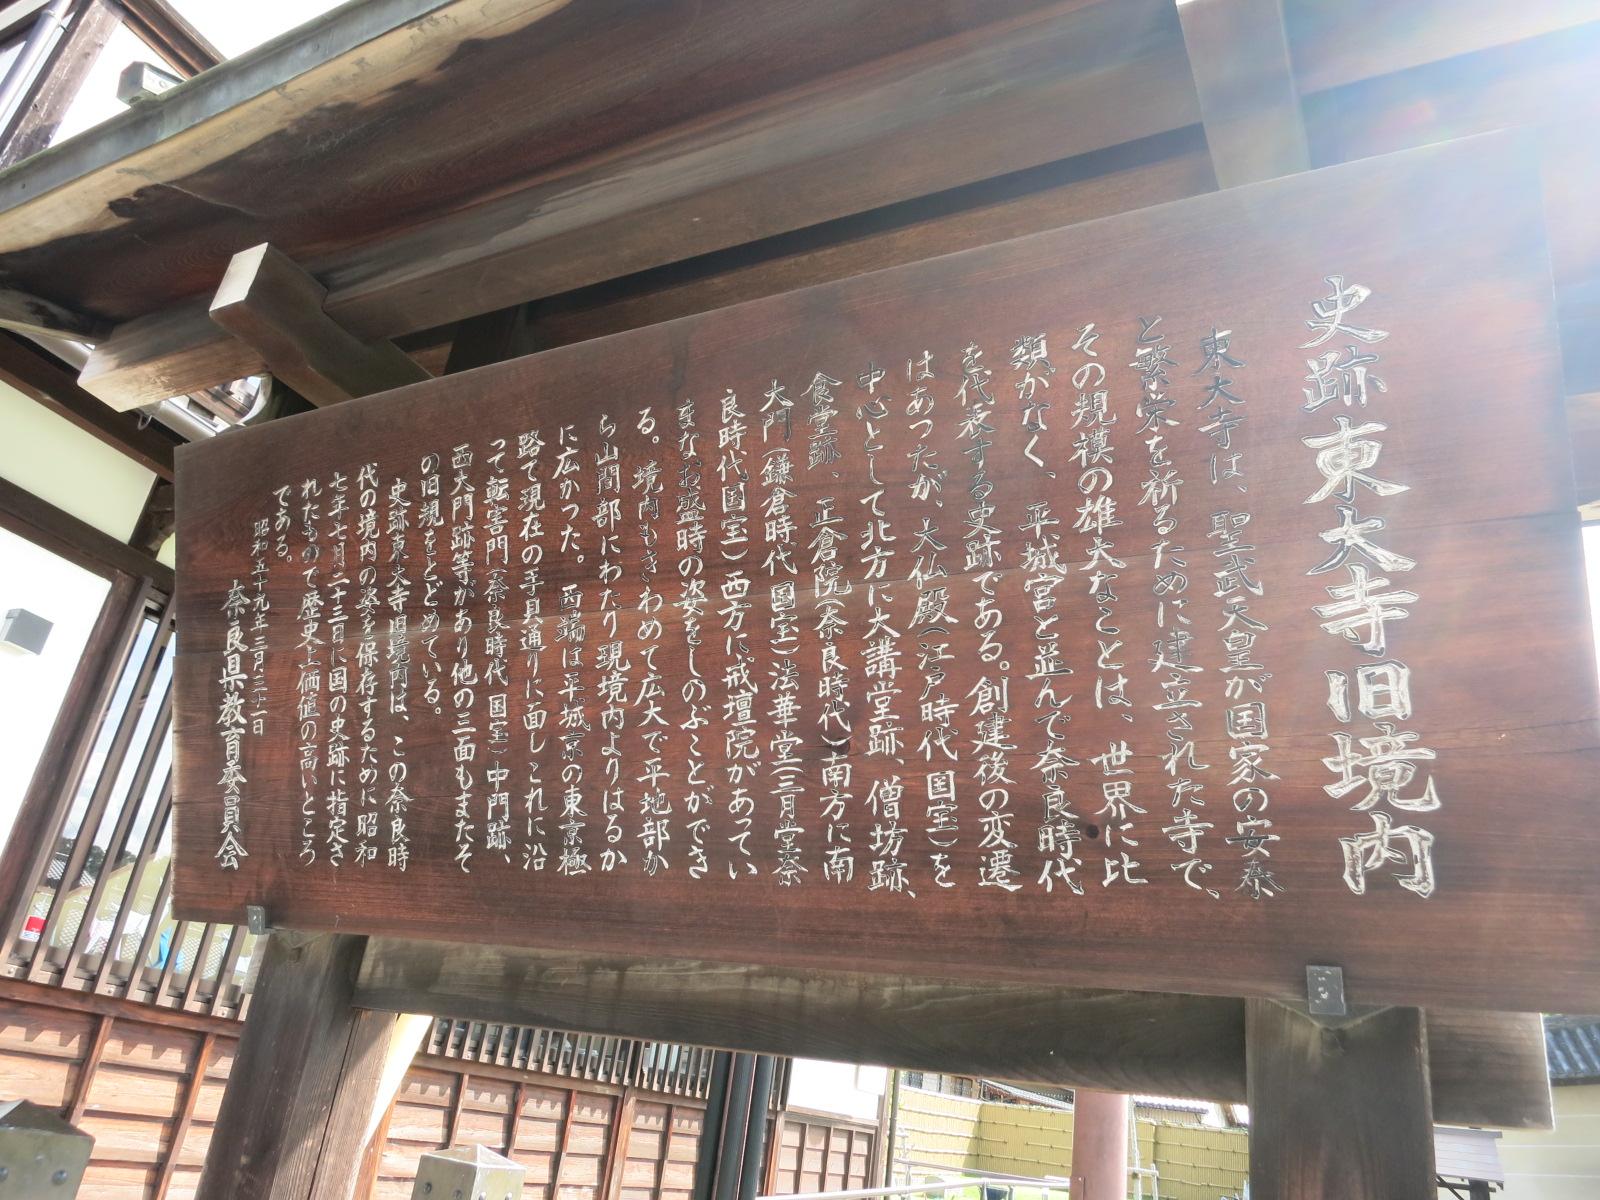 東大寺旧境内の説明文が見えます。